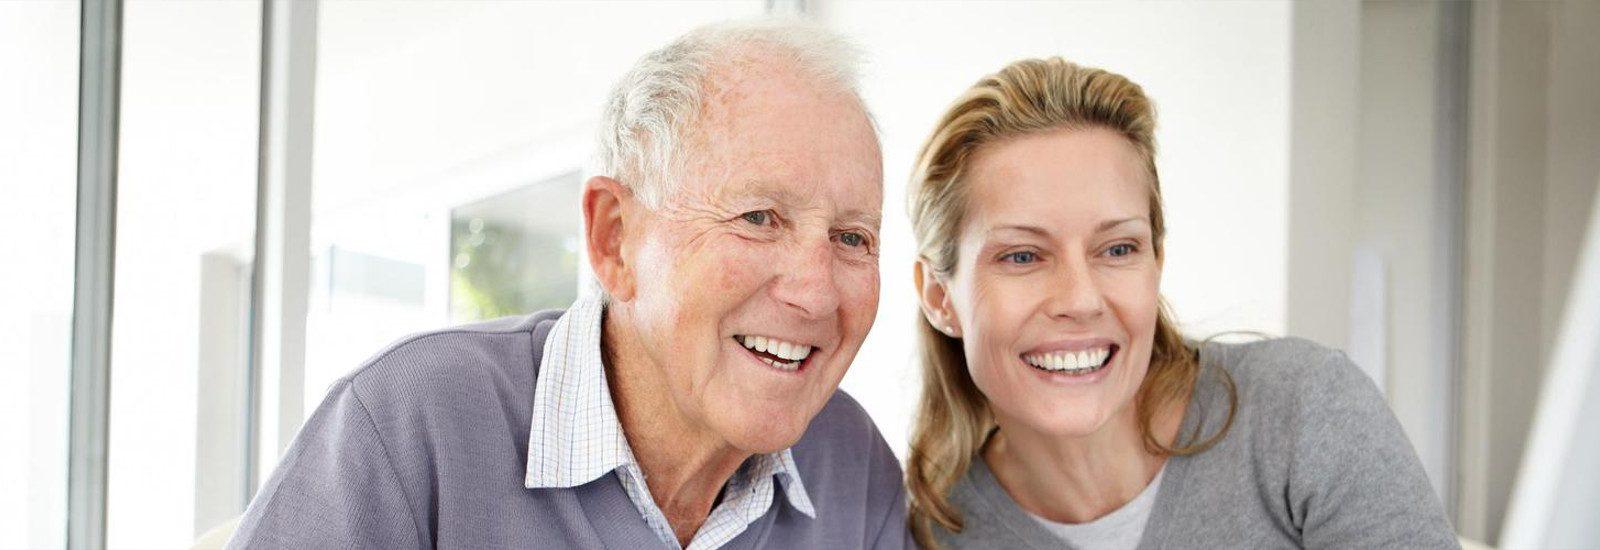 pareja de padre e hija sonriendo